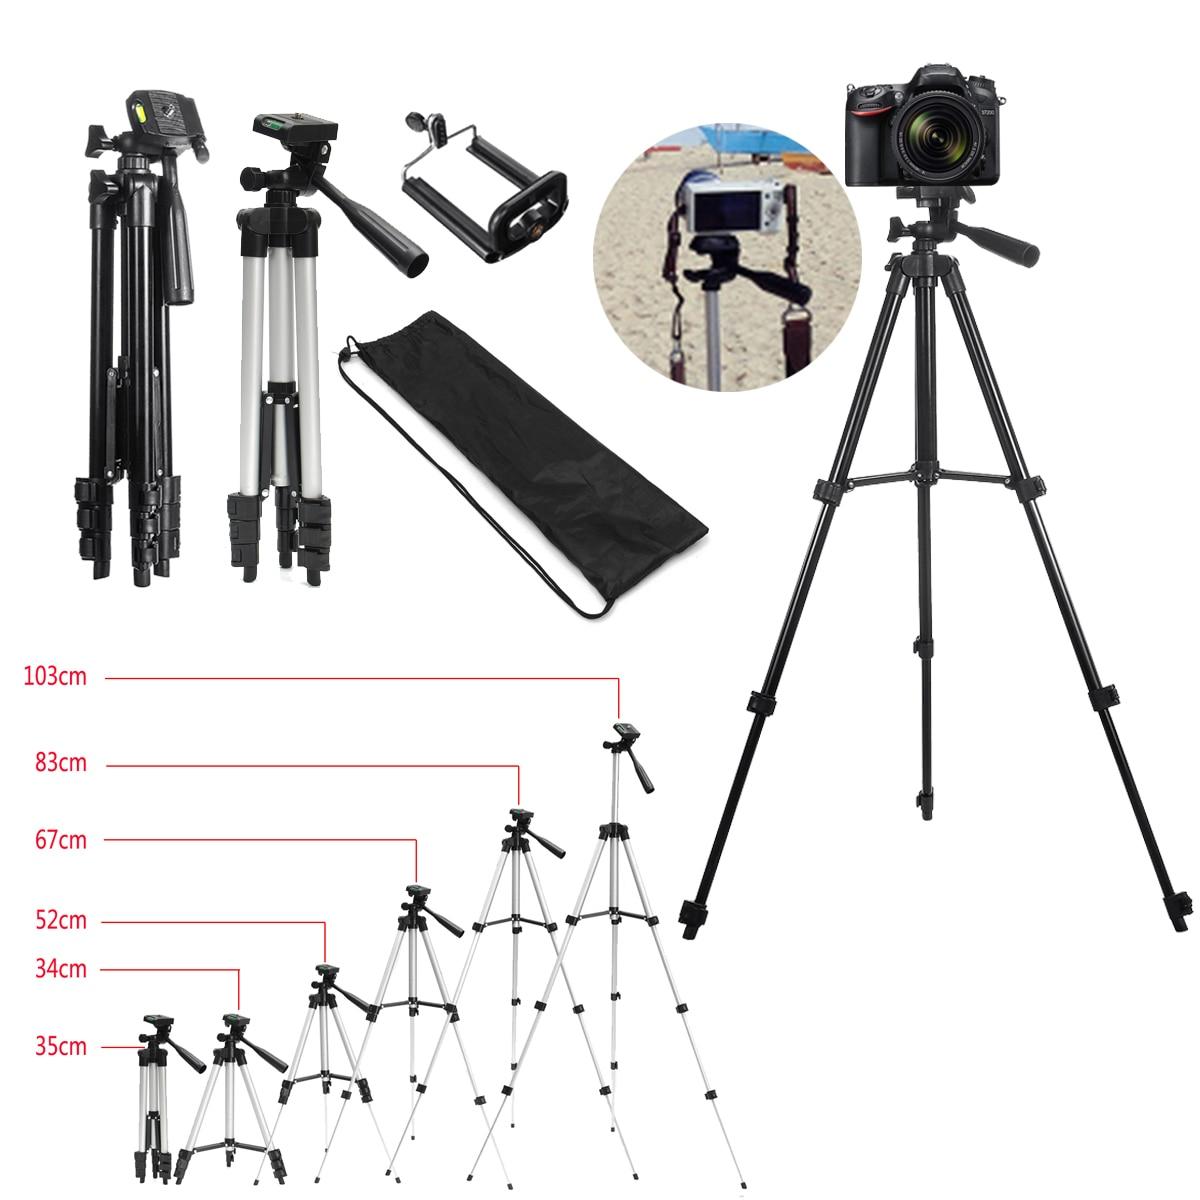 Extensível 36-100cm universal ajustável tripé suporte de montagem titular clipe de câmera suporte de telefone para câmera de telefone celular